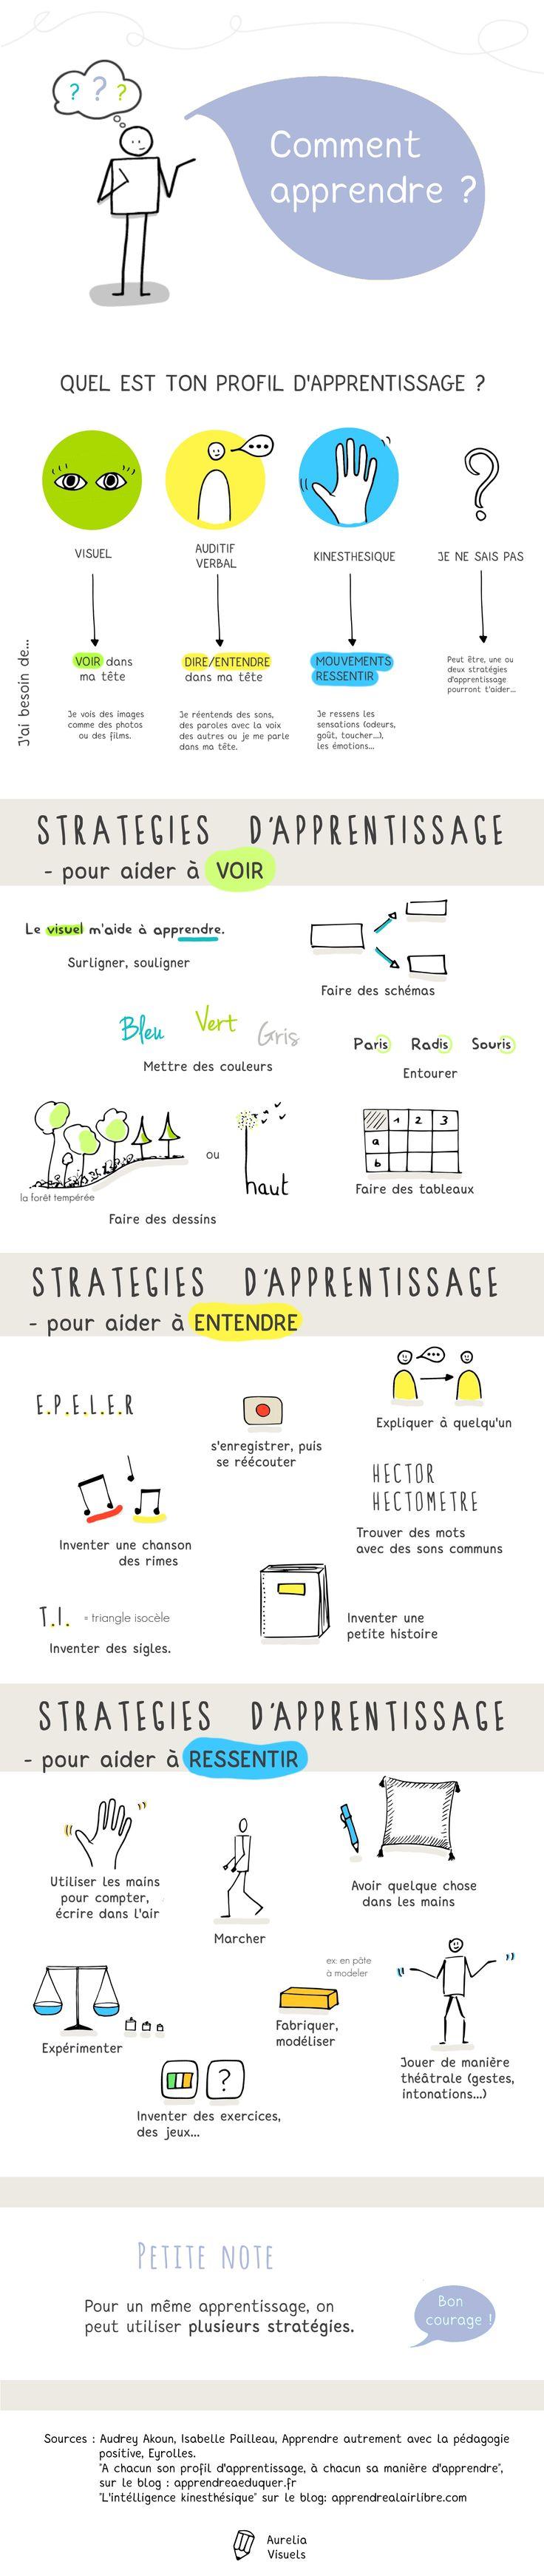 Comment apprendre ? visuel auditif kinesthésique